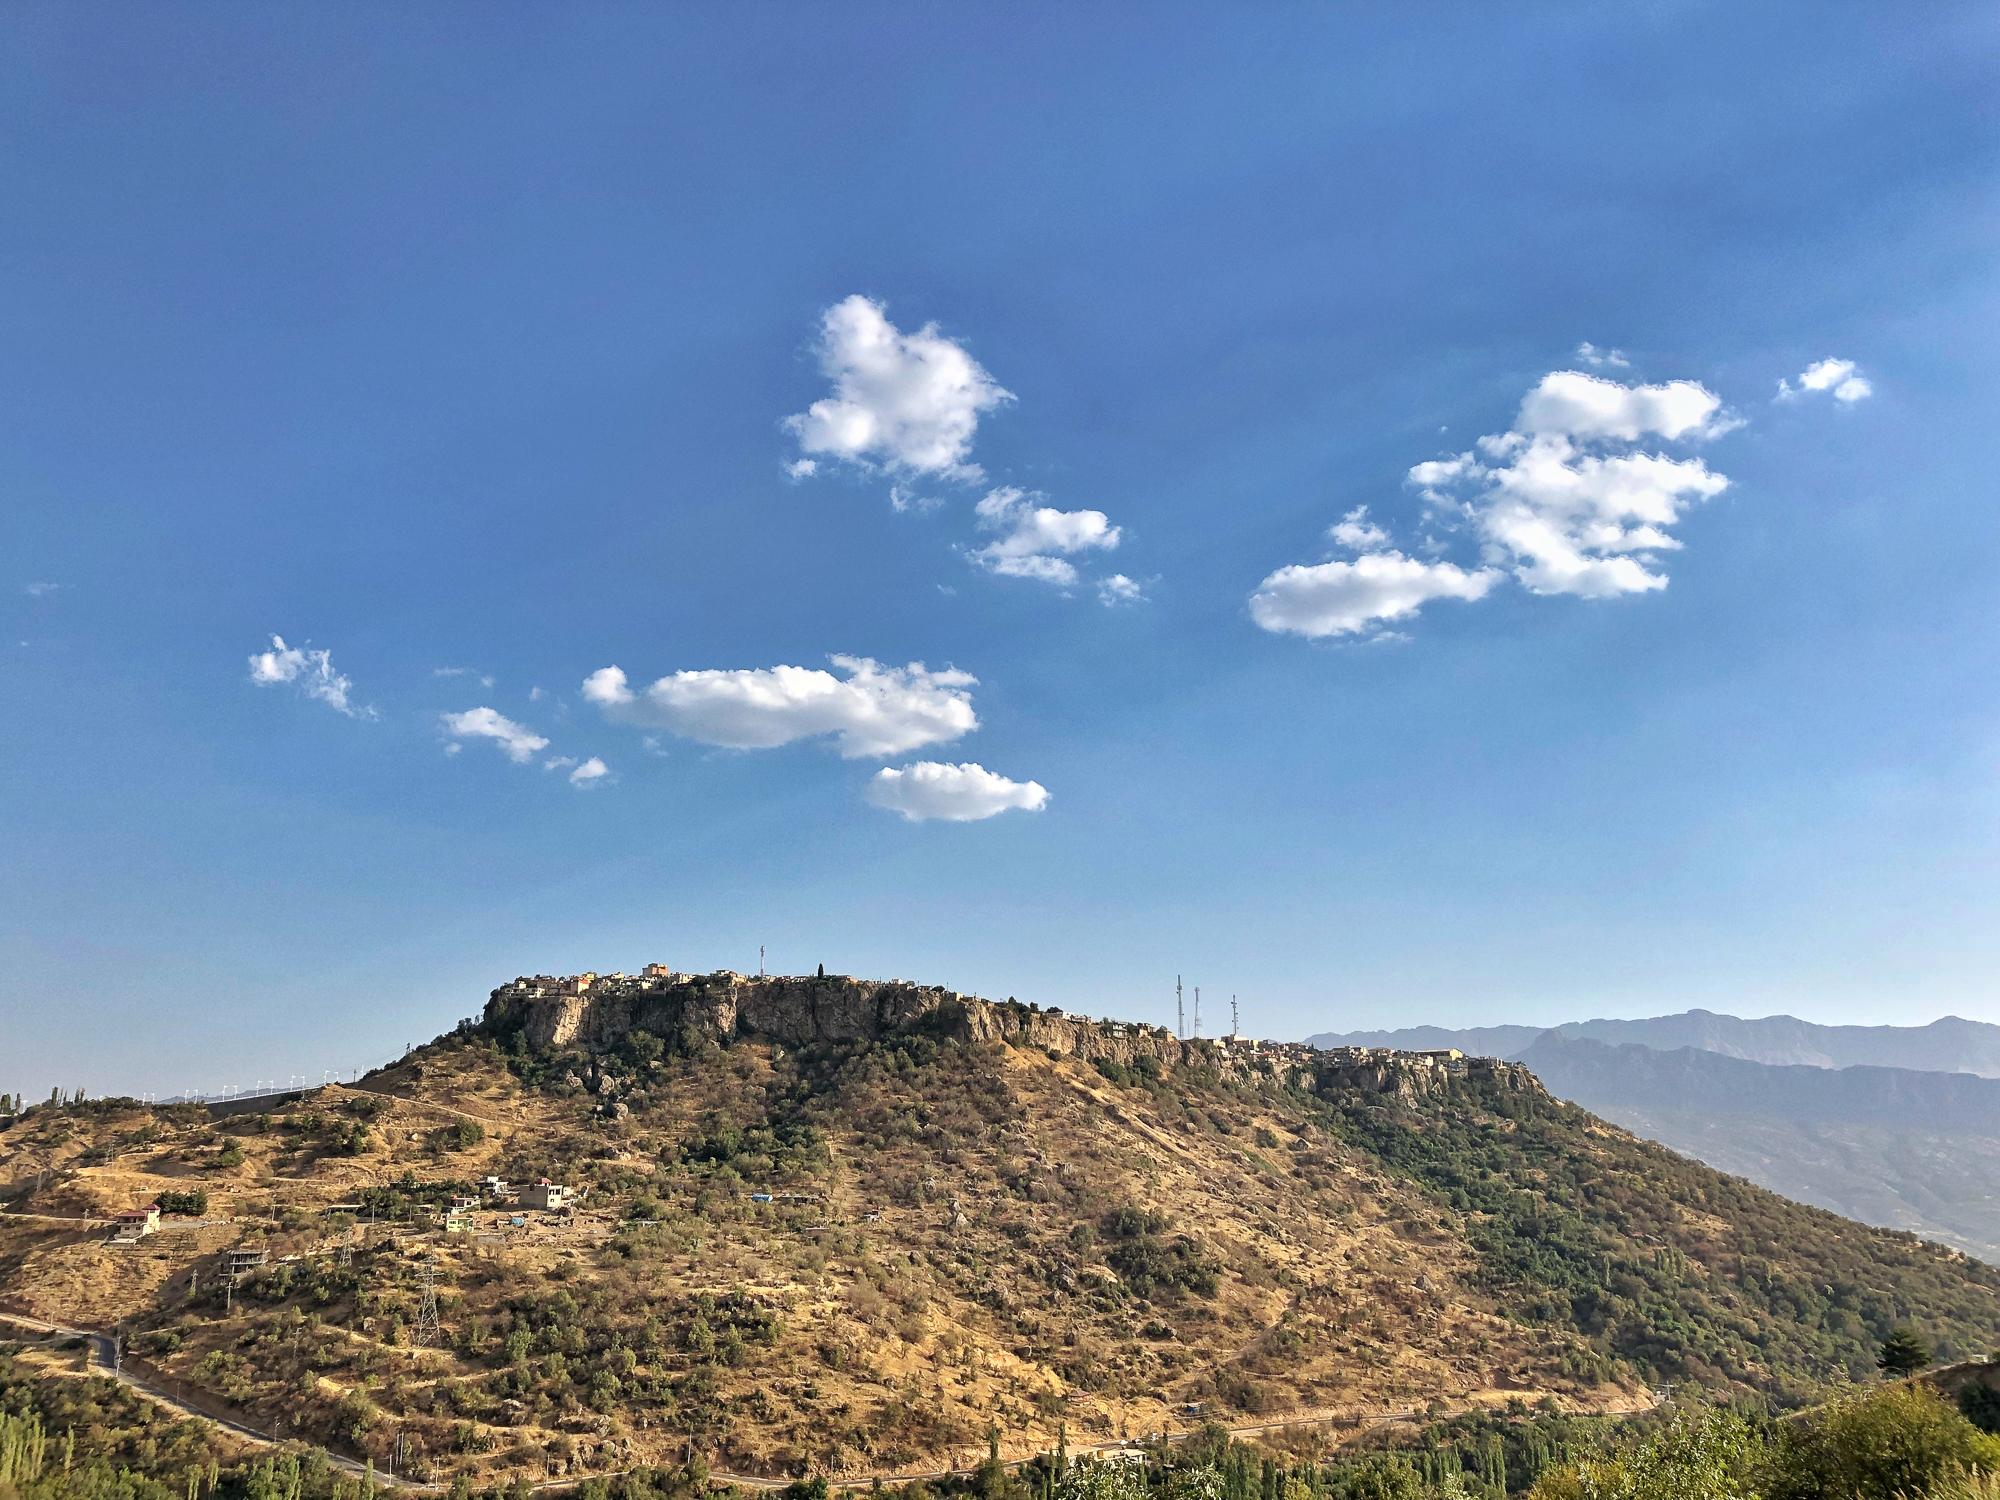 The beautiful city of Amediye